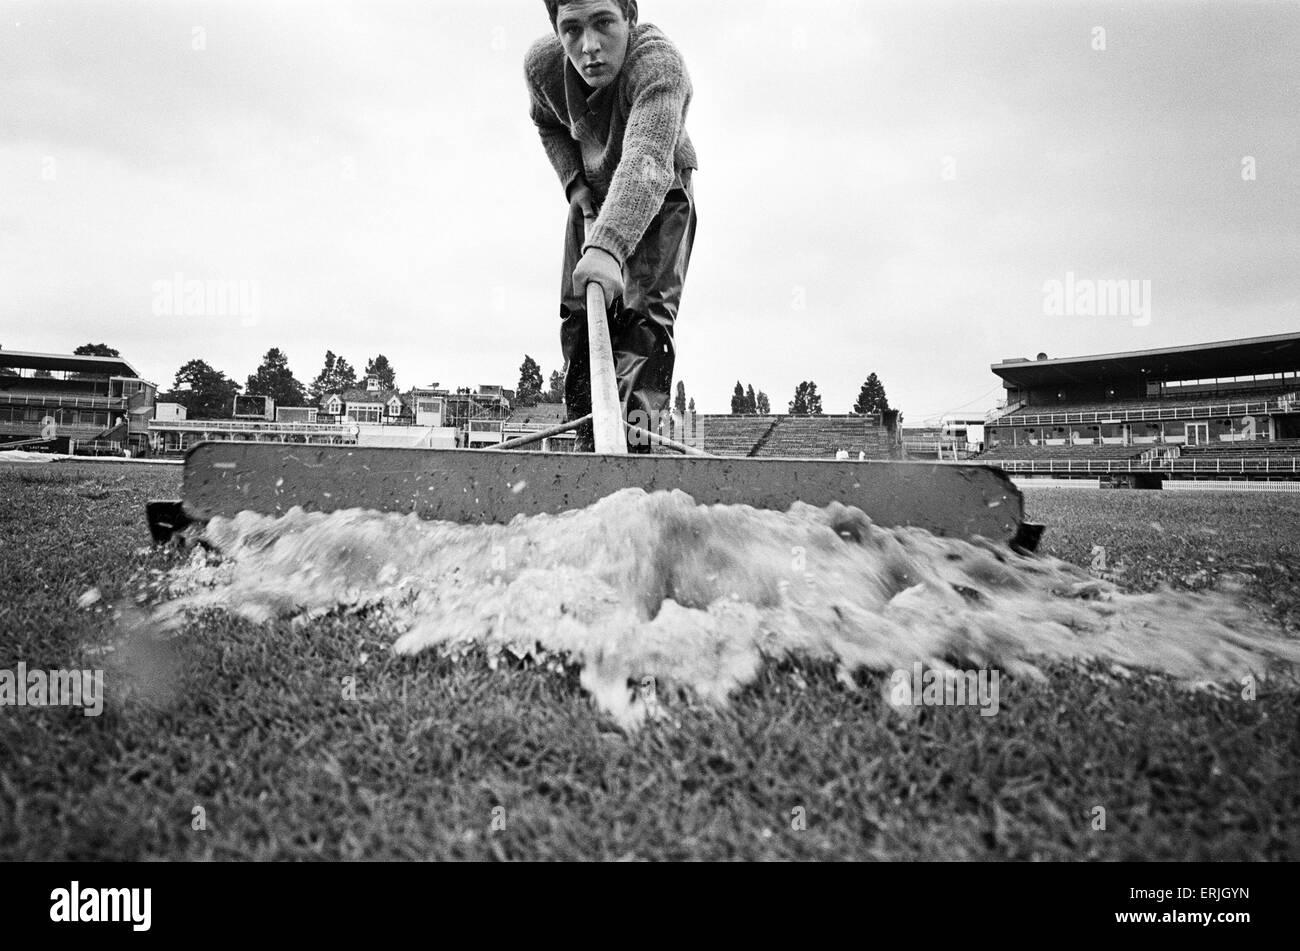 Groundsman Ian gars essaie d'effacer l'eau de la hauteur à Edgbaston en avant de la troisième test match entre l'Angleterre et l'Australie pour les cendres. 11 juillet 1968. Banque D'Images